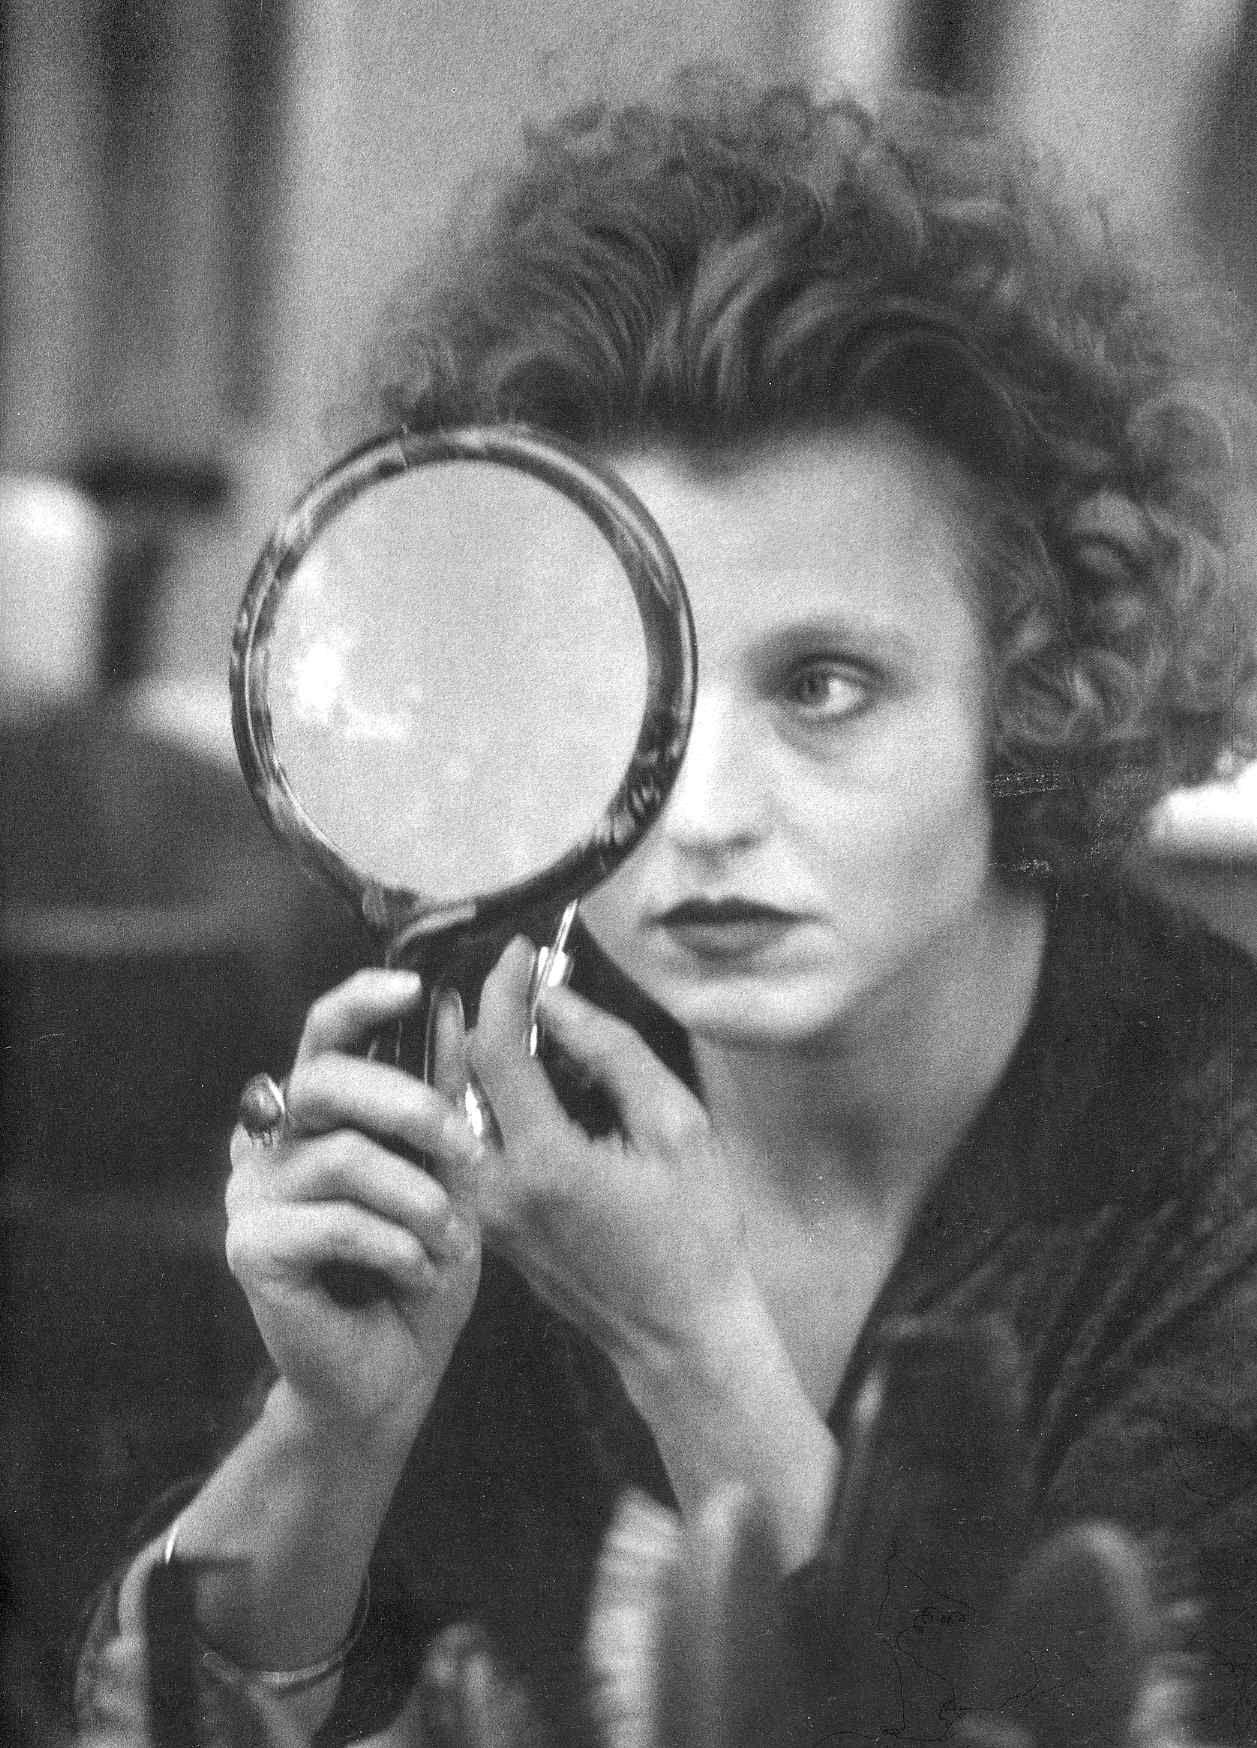 Actress Hanna Schygulla Looking In Hand Mirror While Applying Makeup Photo By Alfred Eisenstaedt Berlin Alexanderplatz Spiegelbild Hanna Schygulla